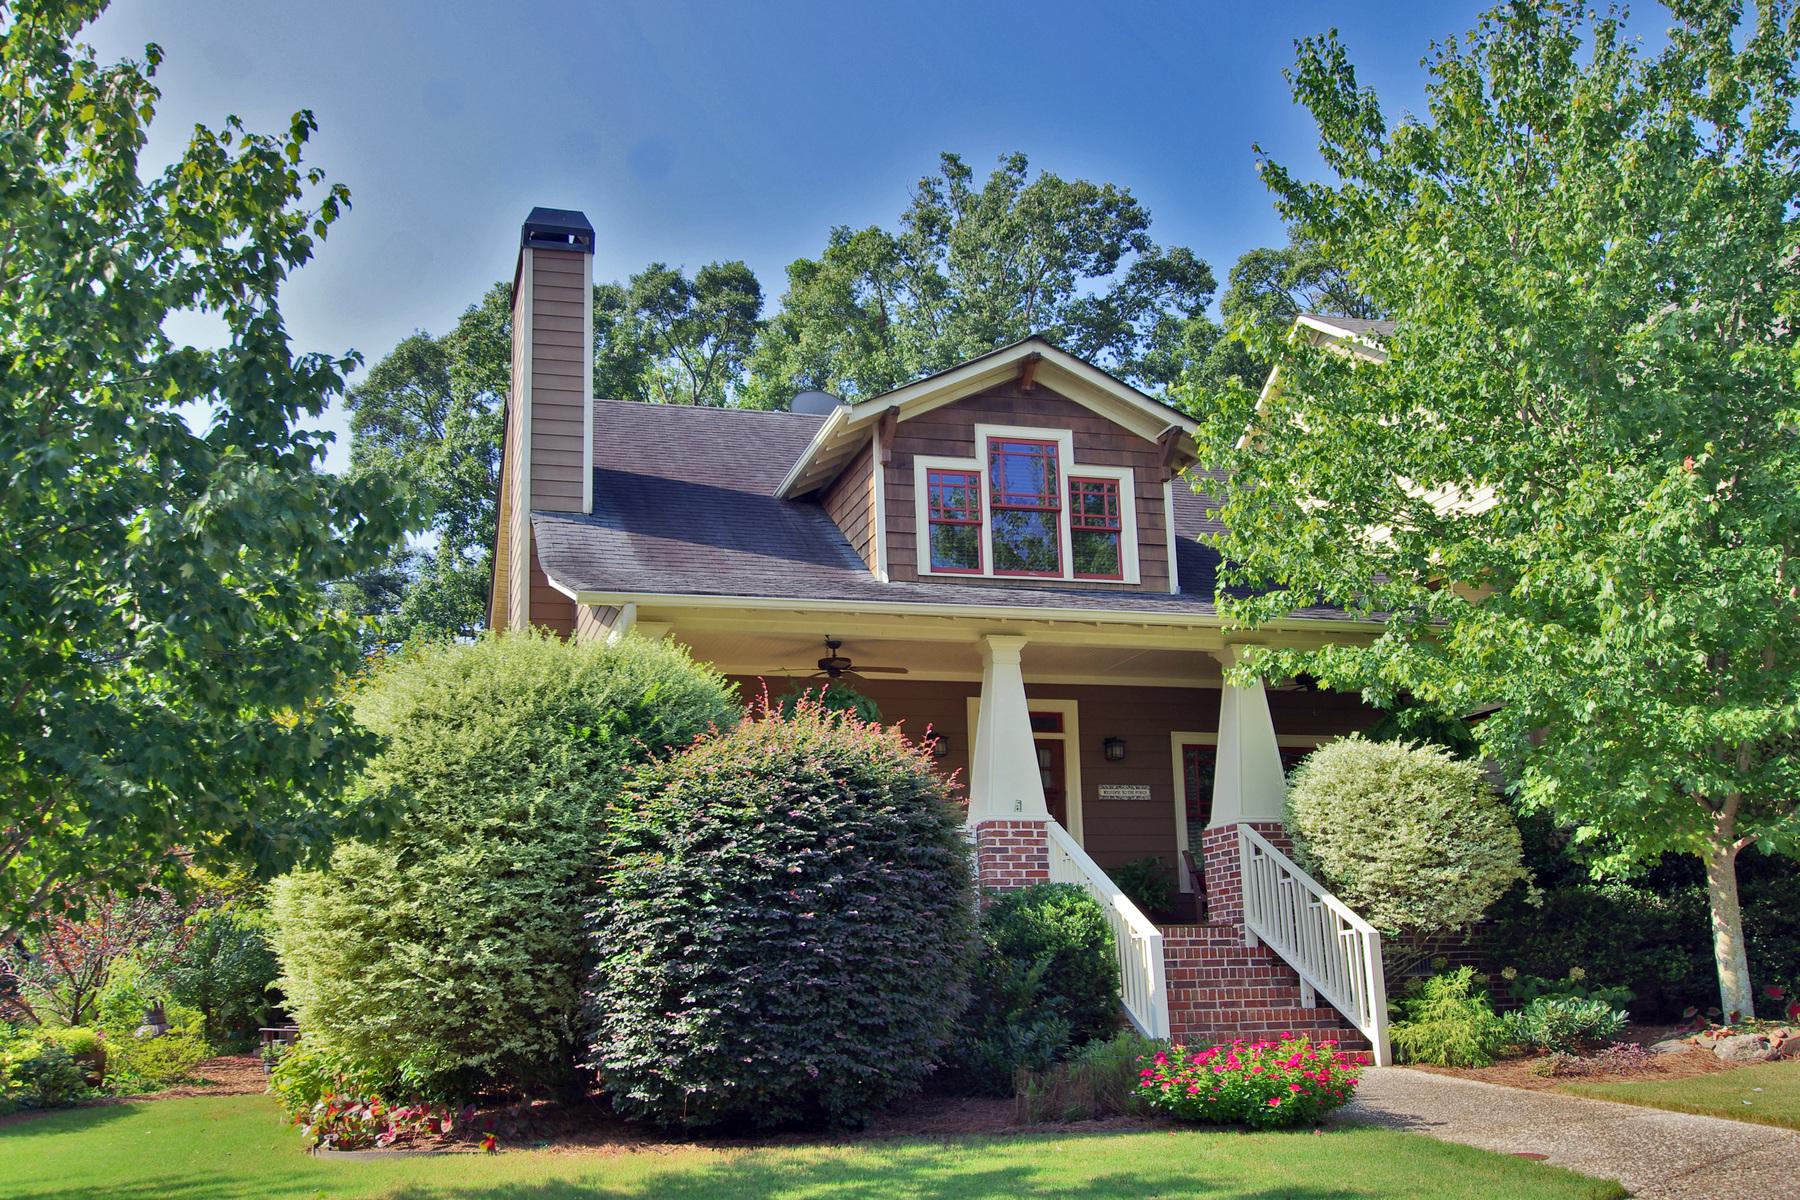 Частный односемейный дом для того Продажа на Craftsman Bungalow 1355 Marion Street SE Atlanta, Джорджия, 30315 Соединенные Штаты